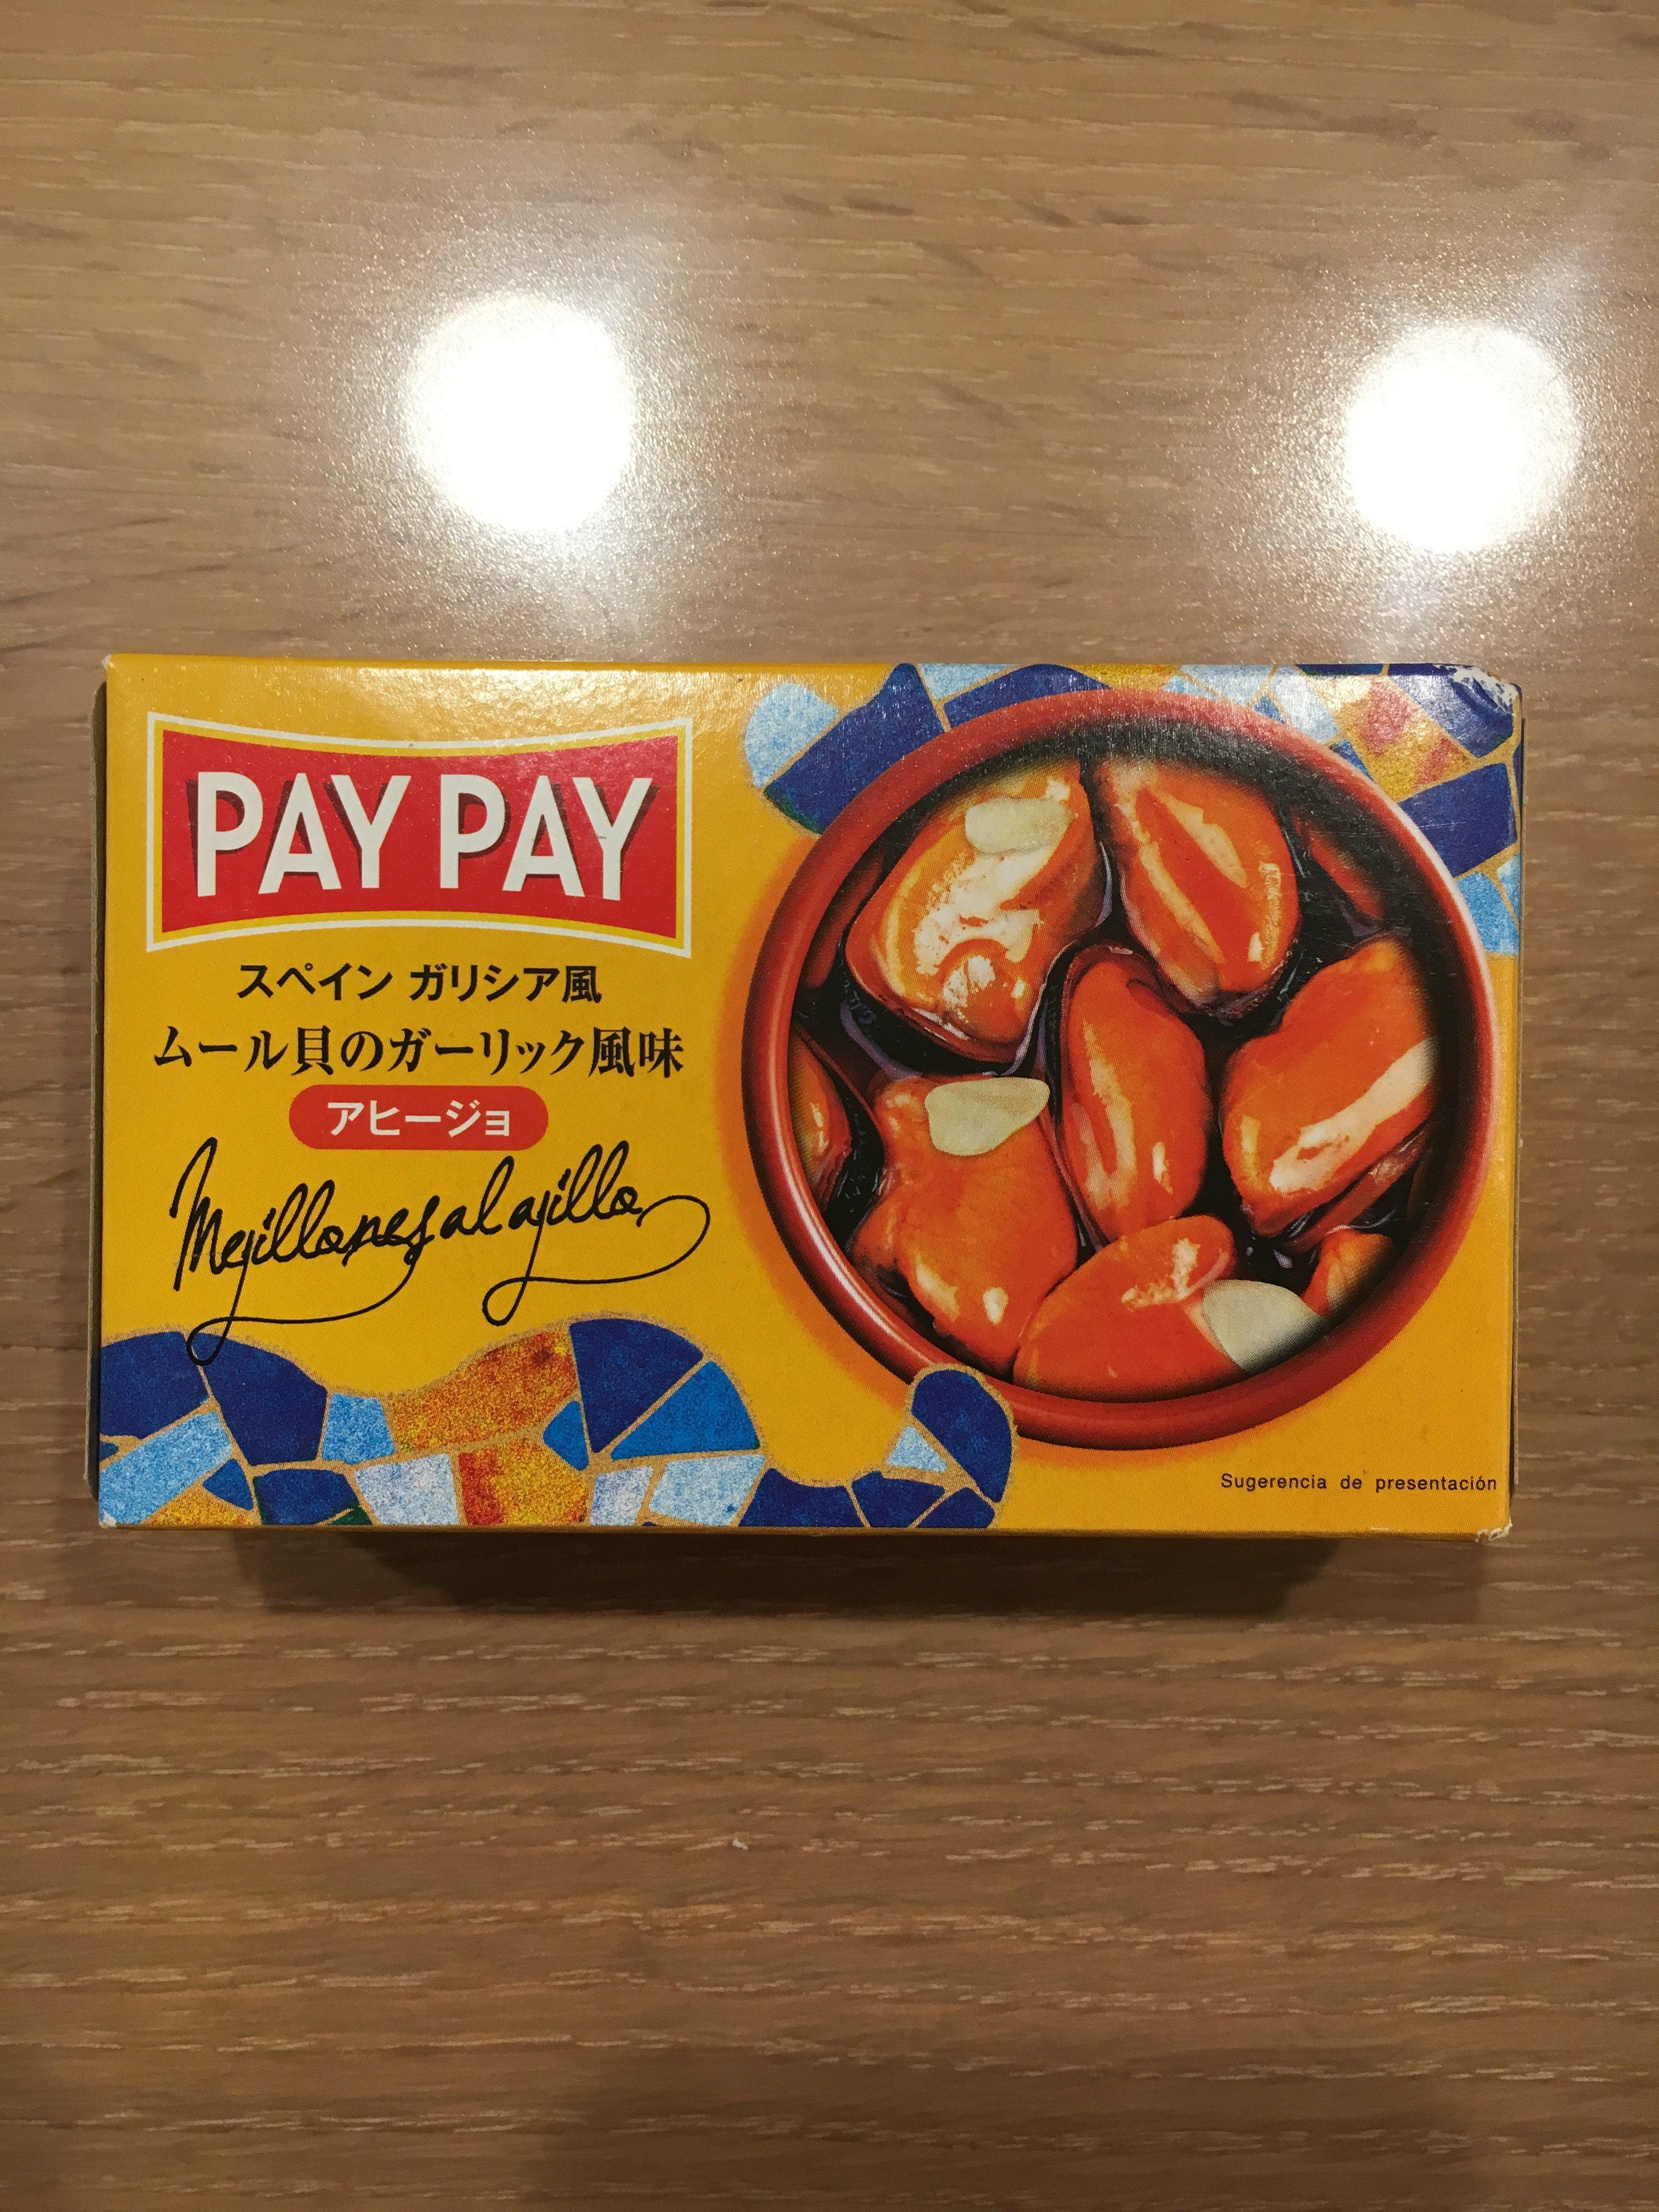 PAYPAY(ペイペイ) 缶詰 スペイン ガリシア風 ムール貝のガーリック風味 アヒージョ スペインの缶詰は本当に美味しい